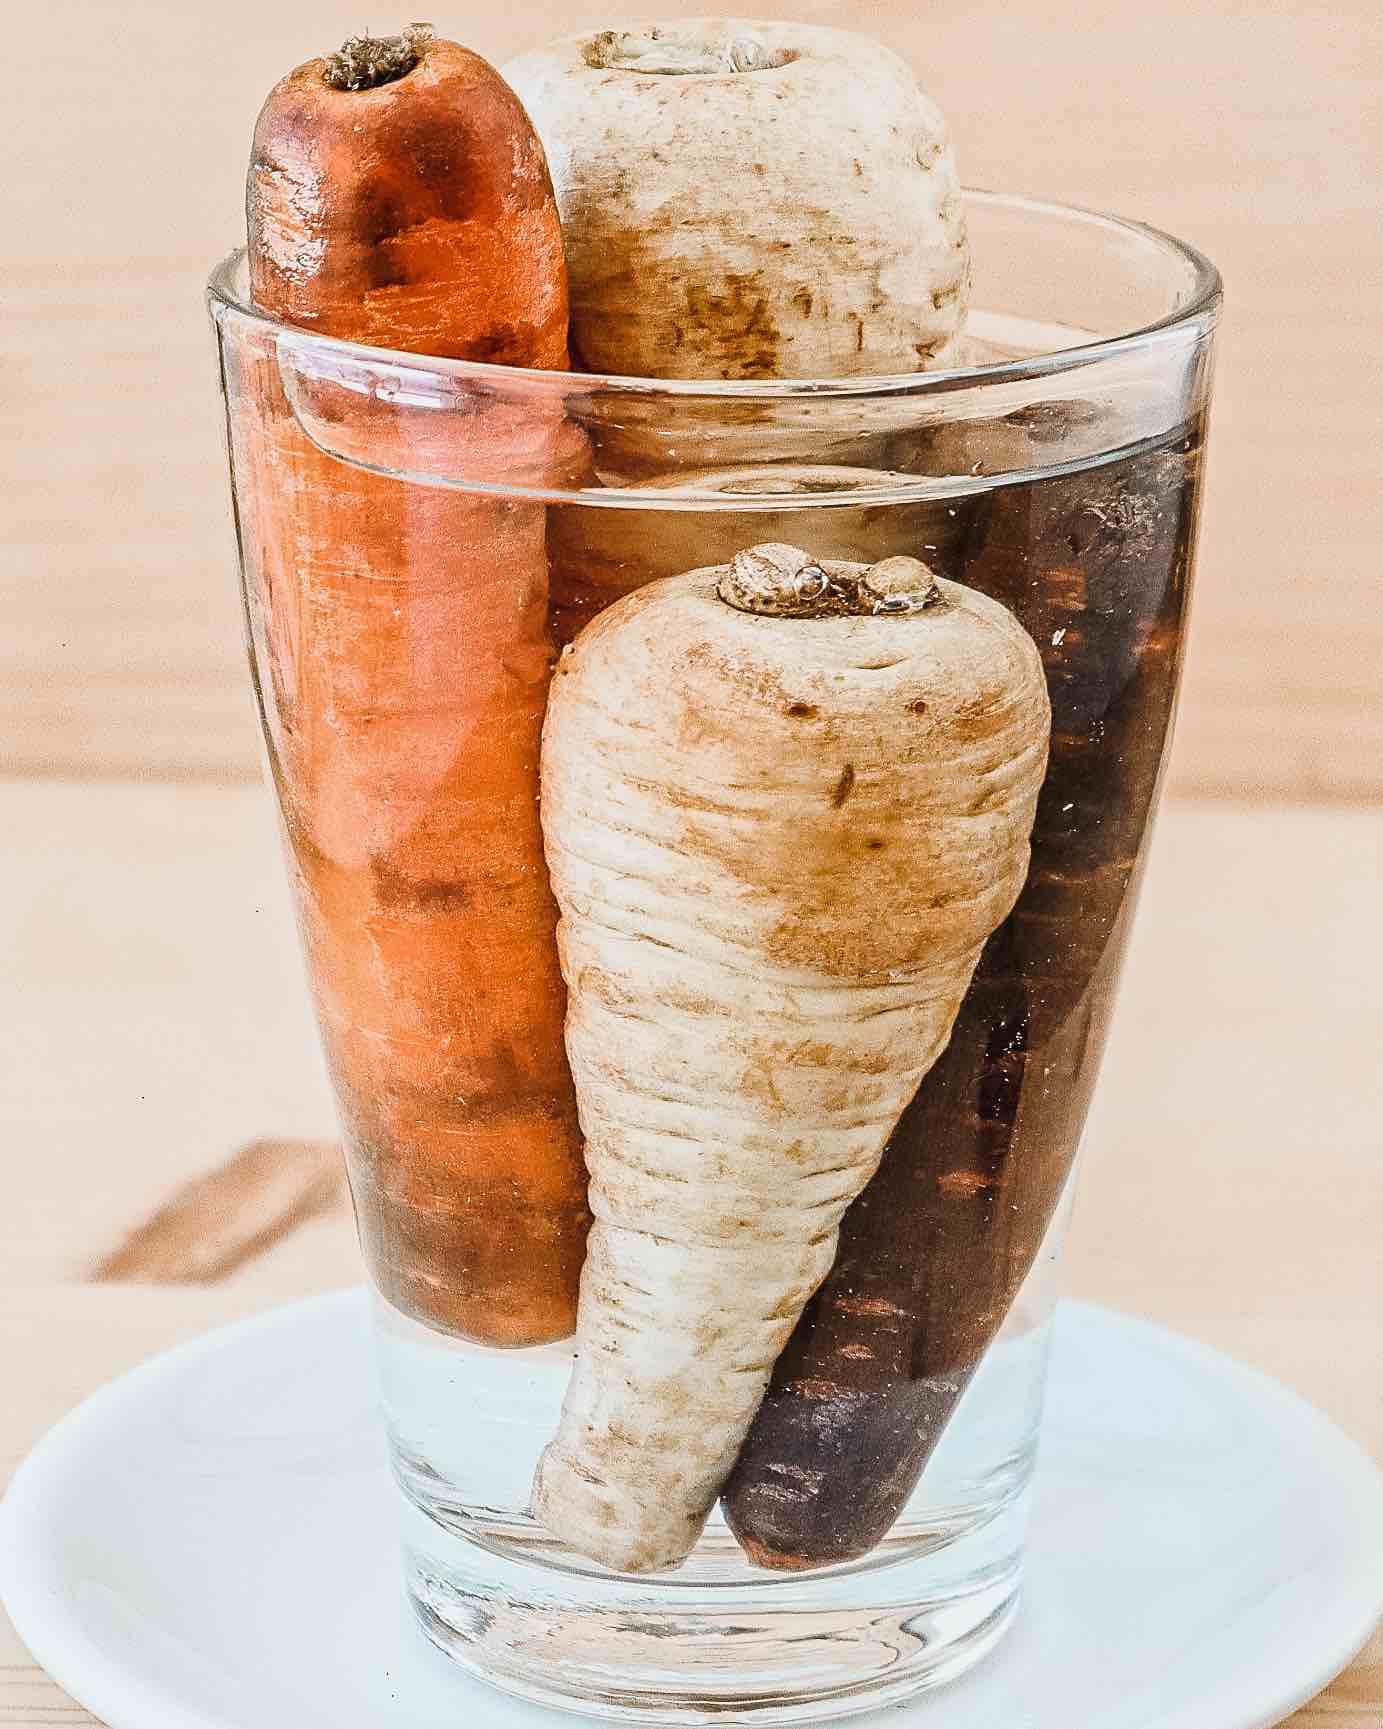 Schrumpelige Karotten in einem Wasserglas